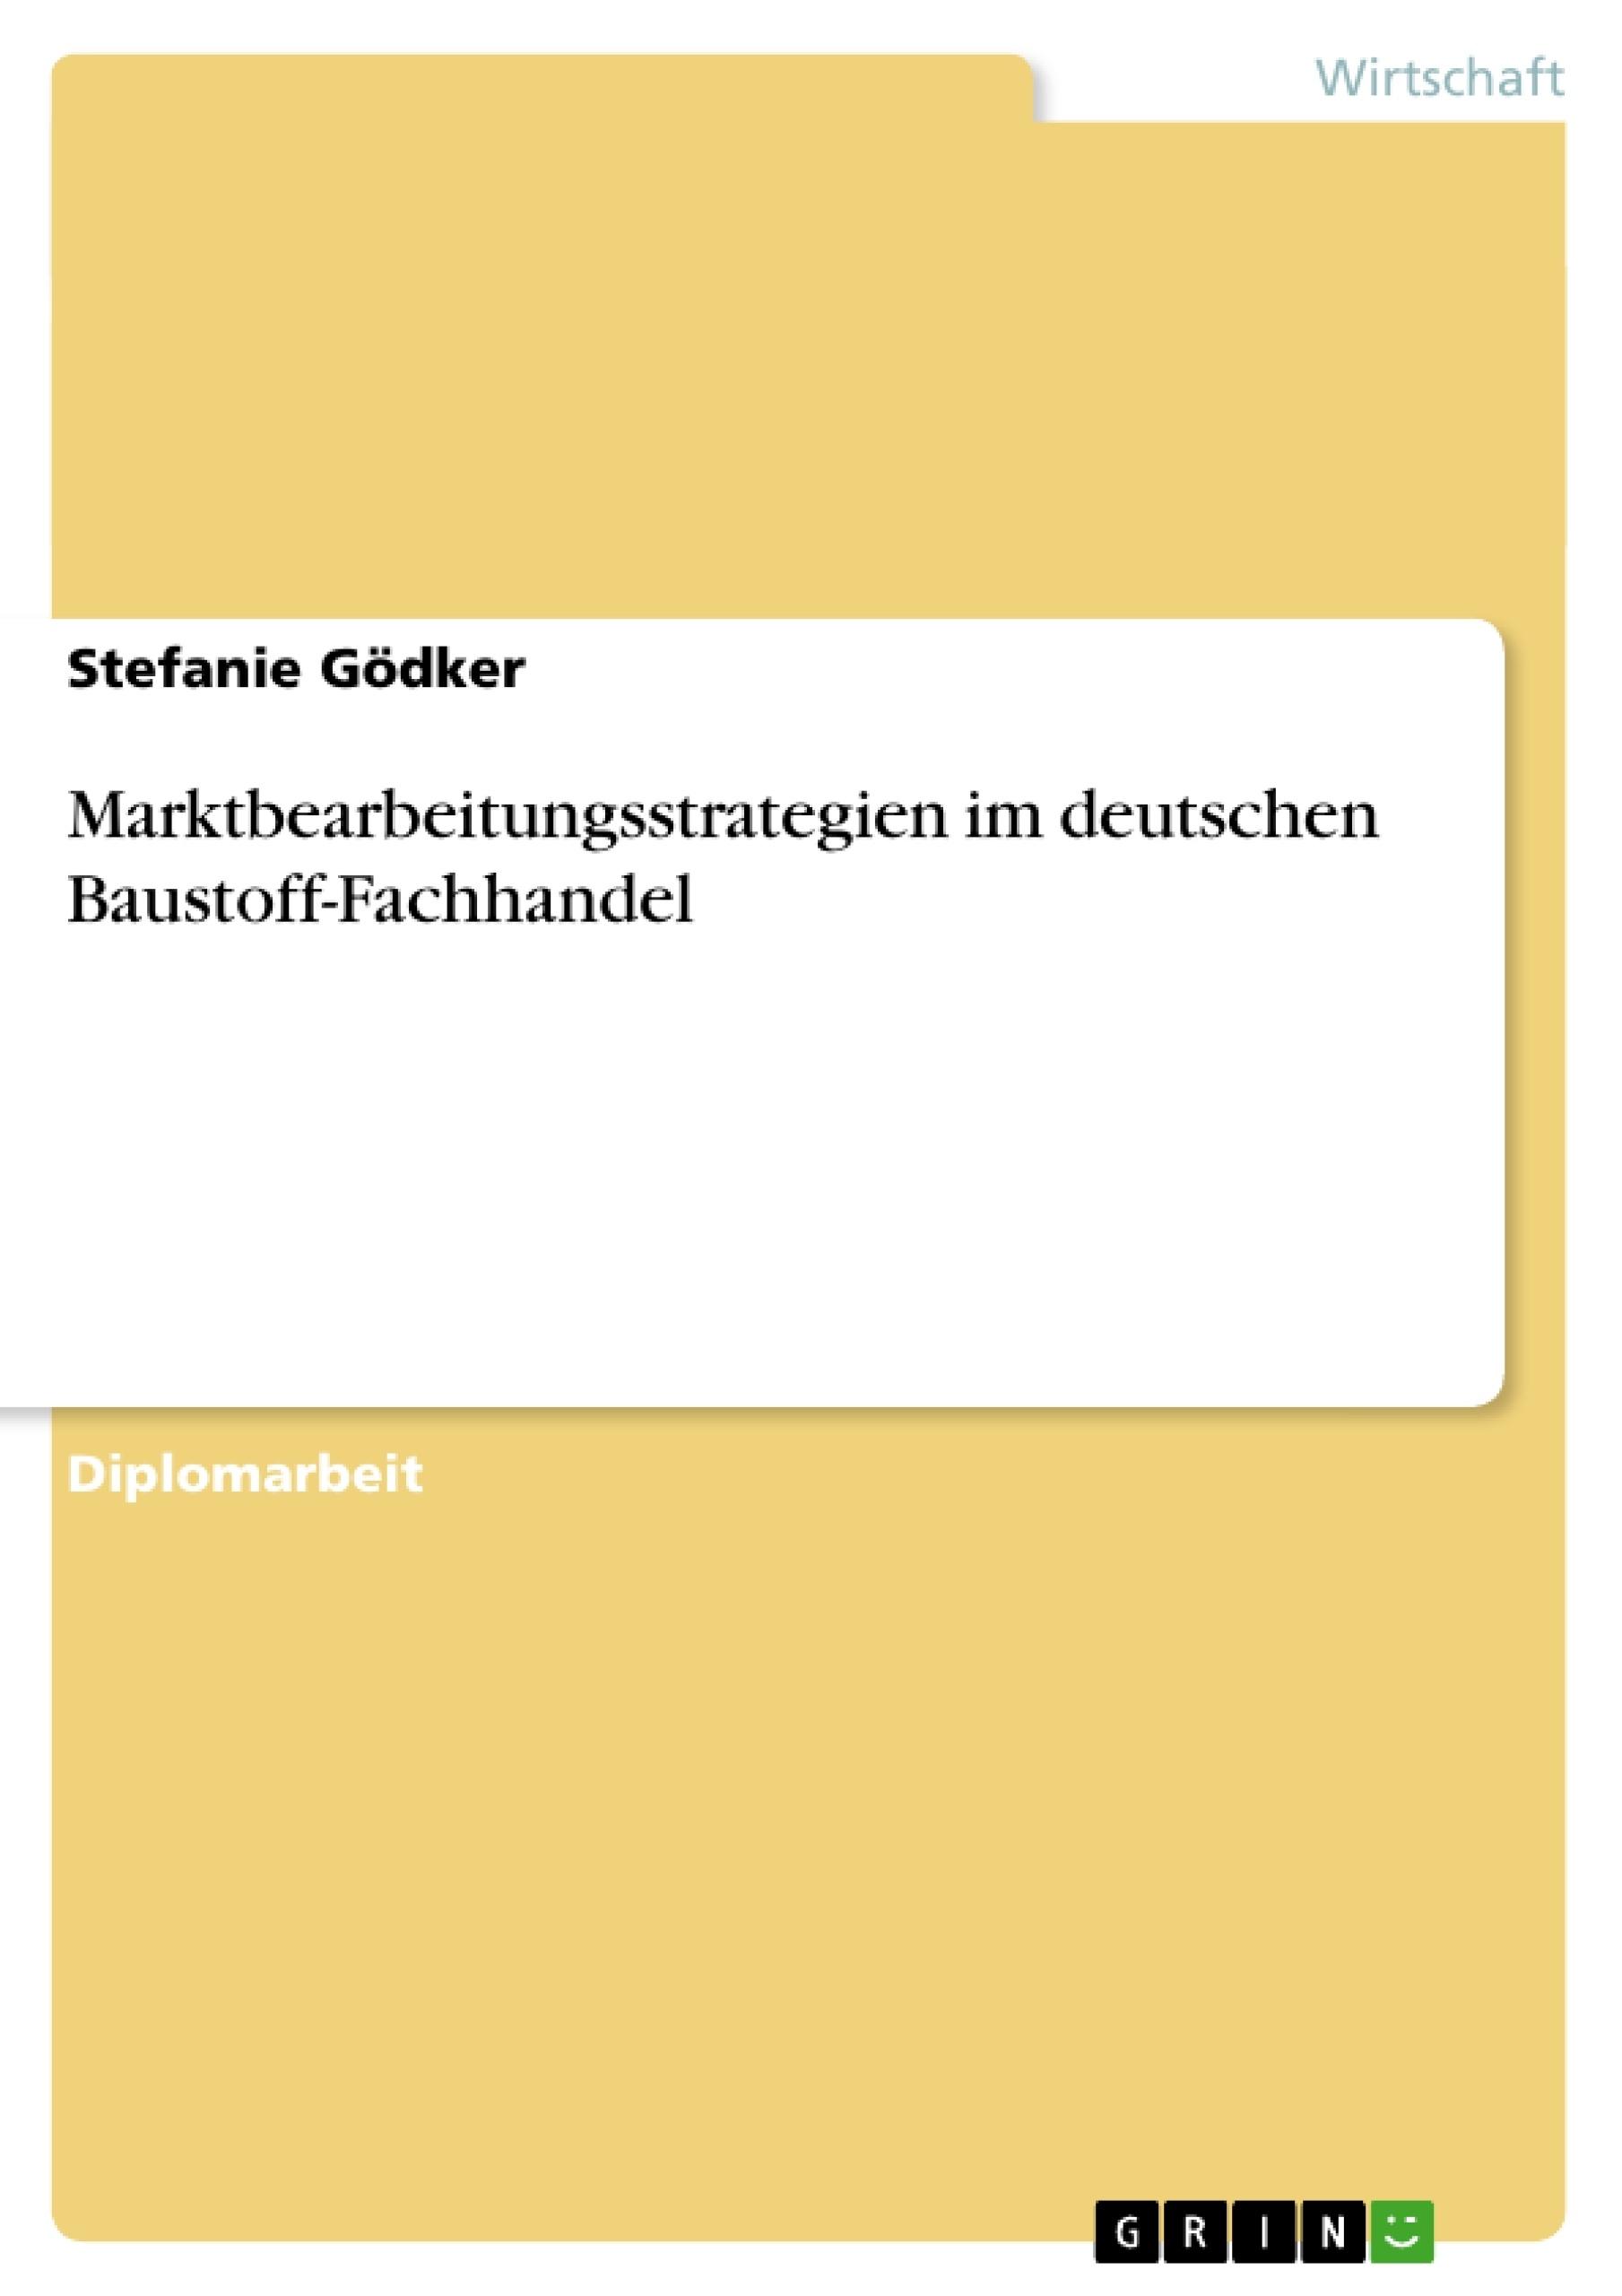 Titel: Marktbearbeitungsstrategien im deutschen Baustoff-Fachhandel